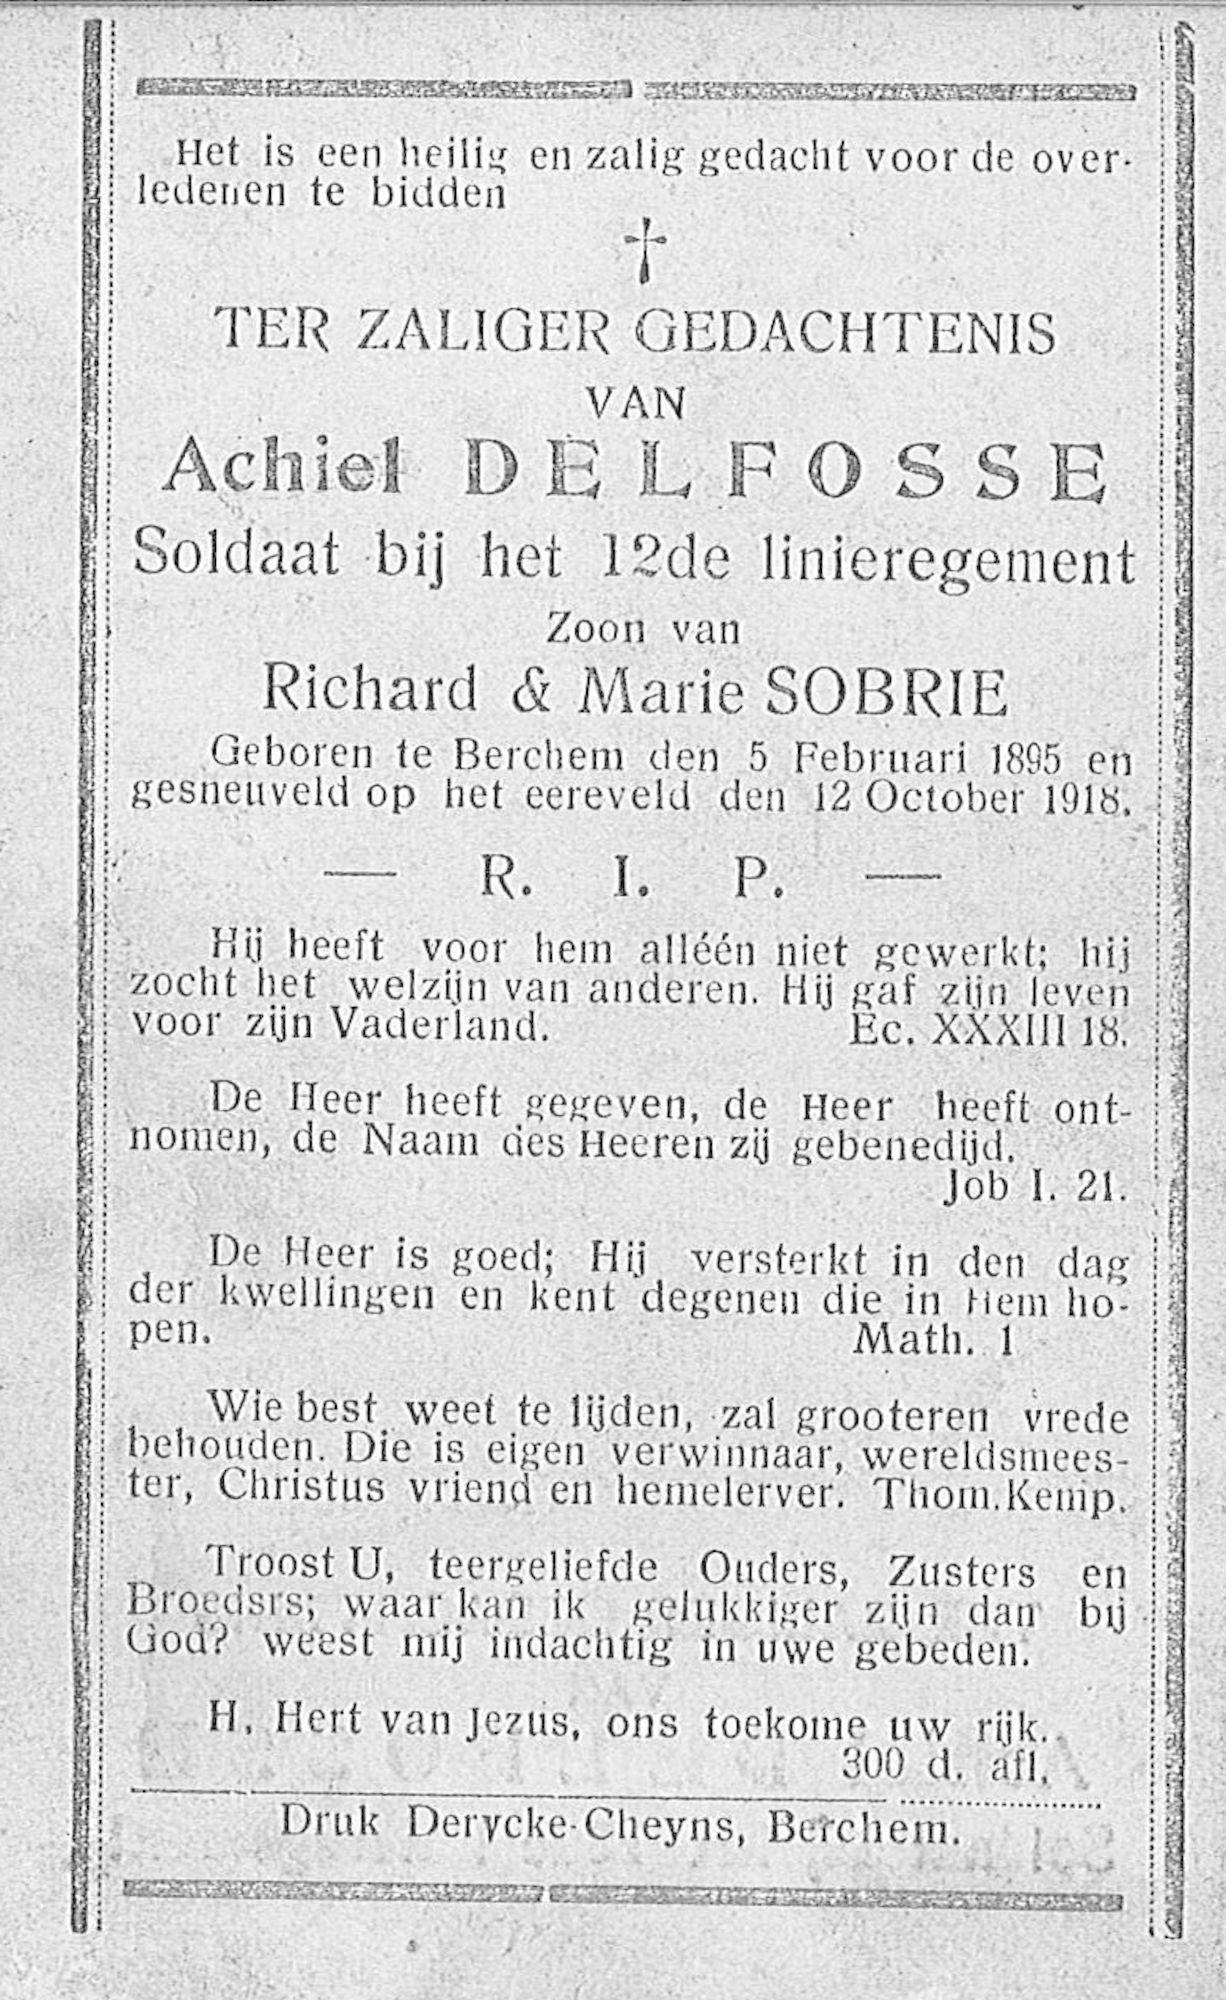 Achiel Delfosse